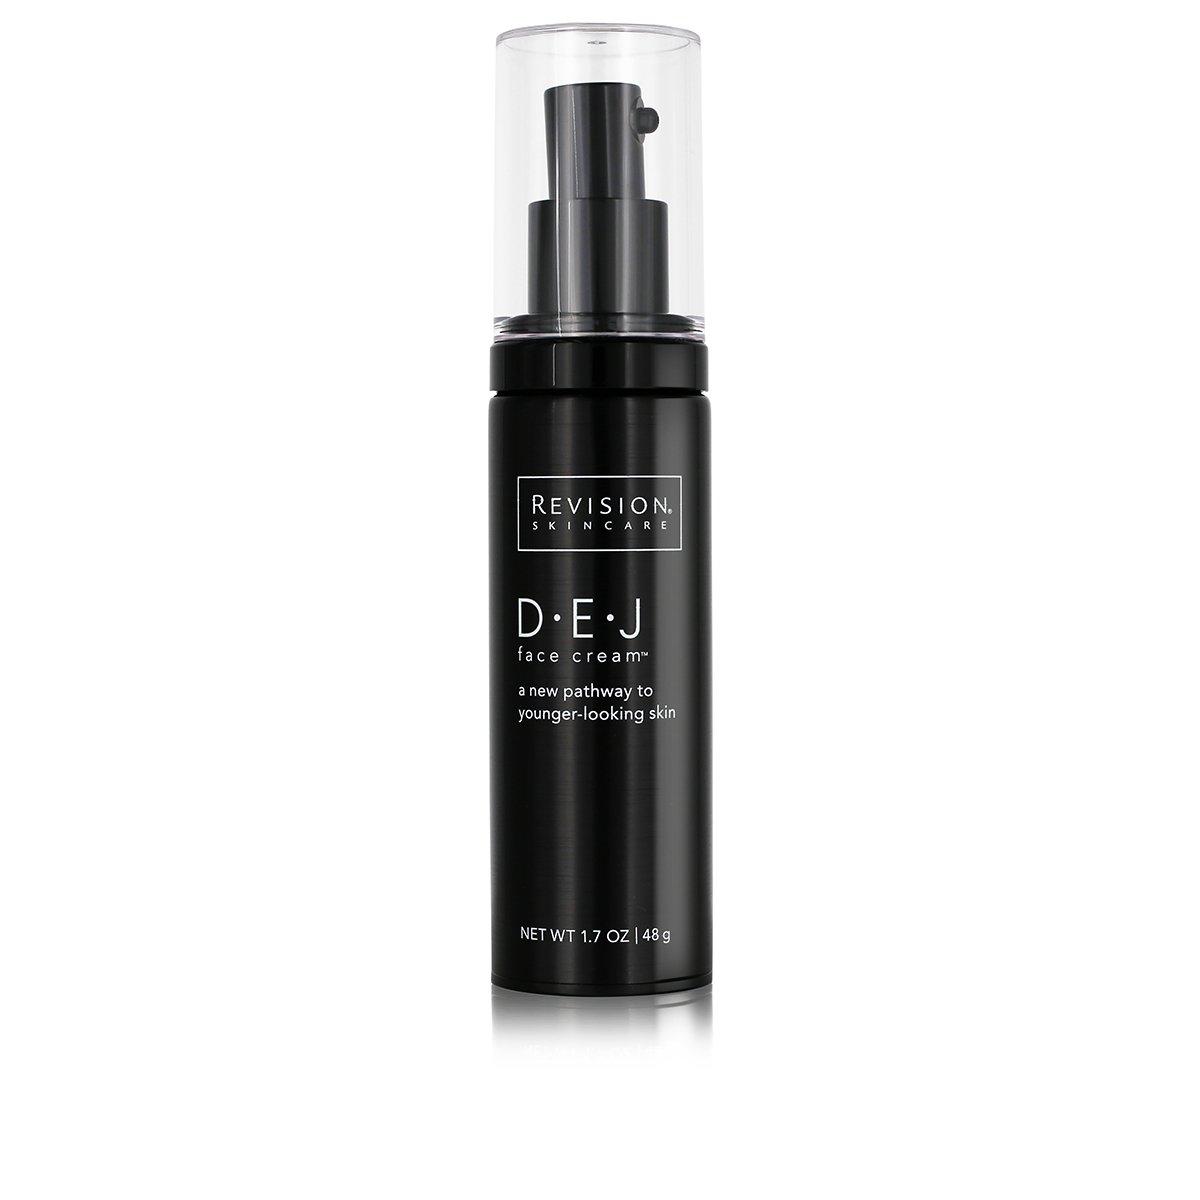 D·E·J face cream™